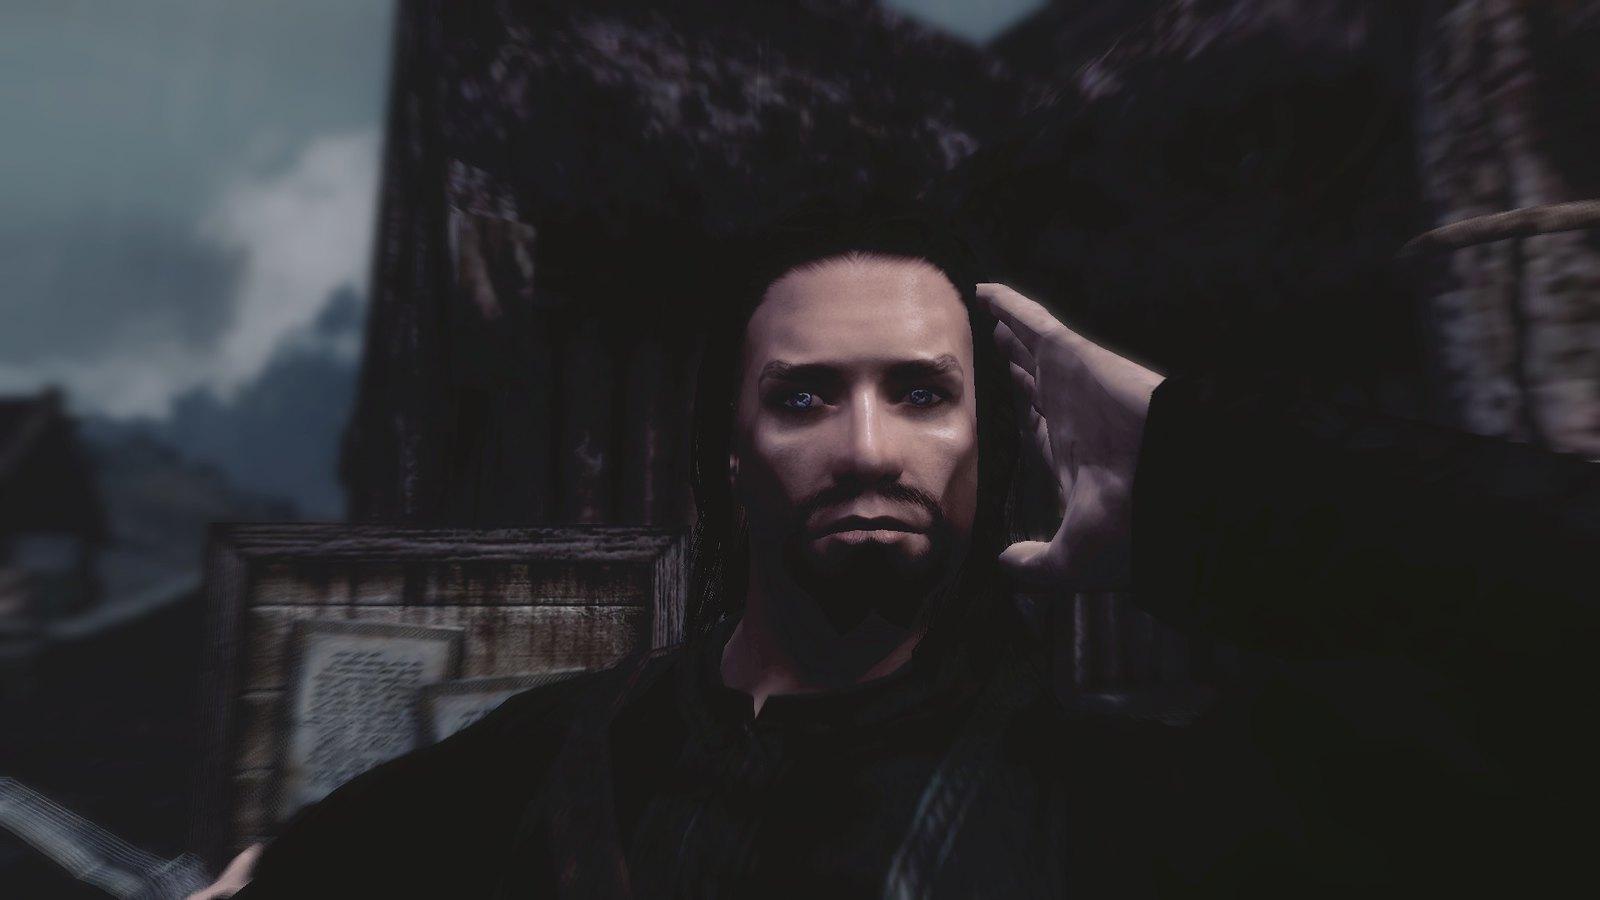 Skyrim Aragorn – Articleblog info